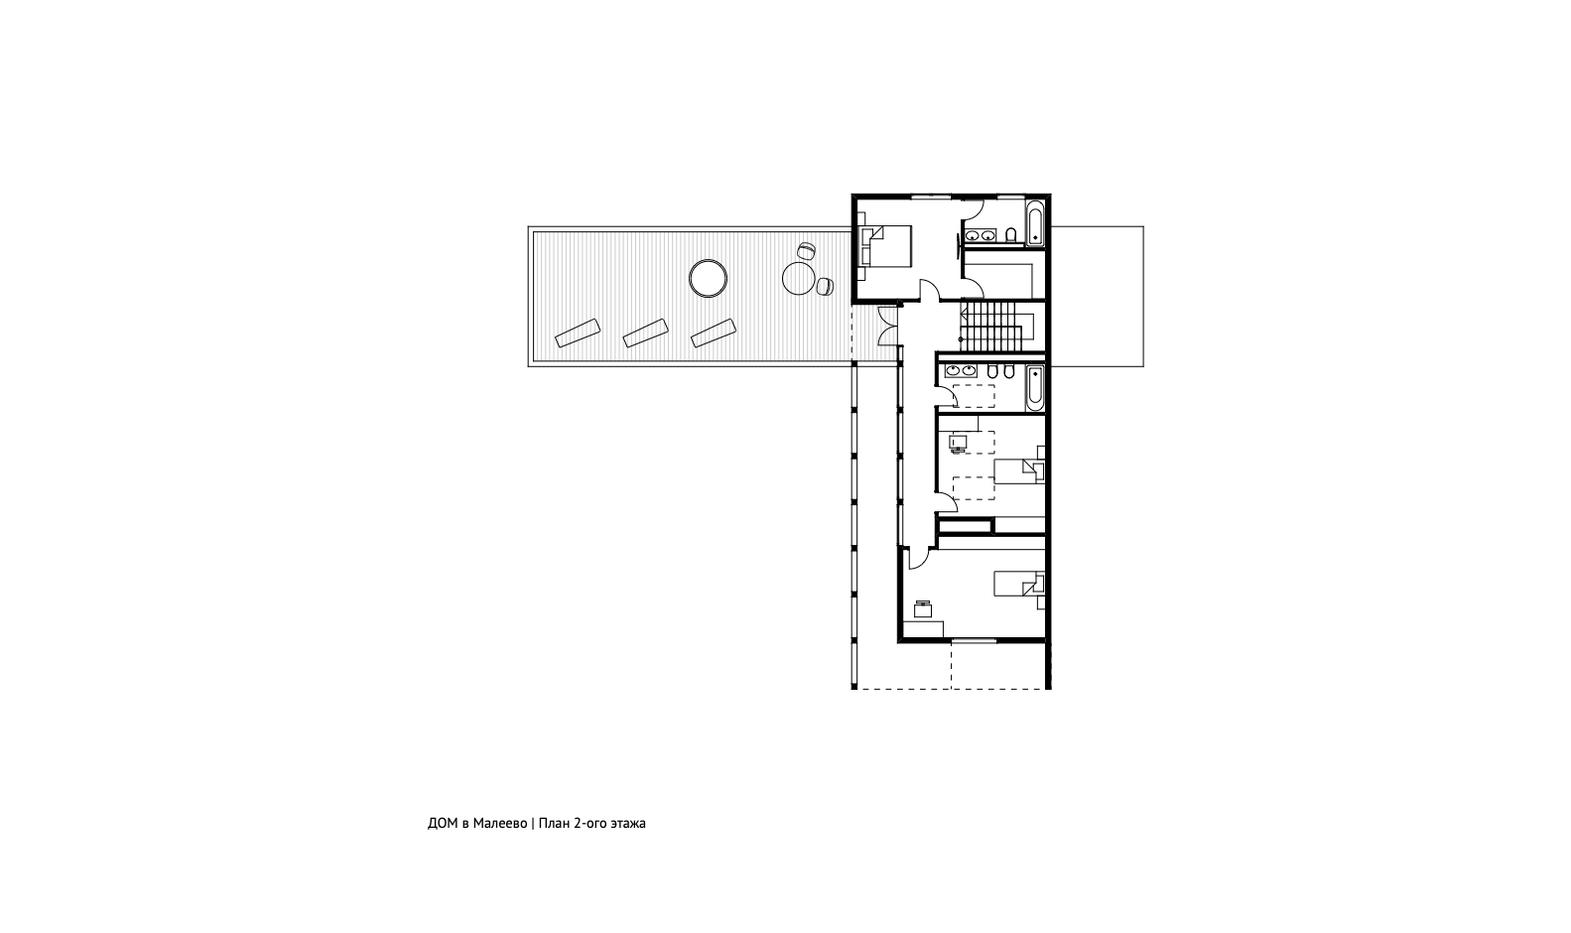 План 2-ого этажа дома в Малеево